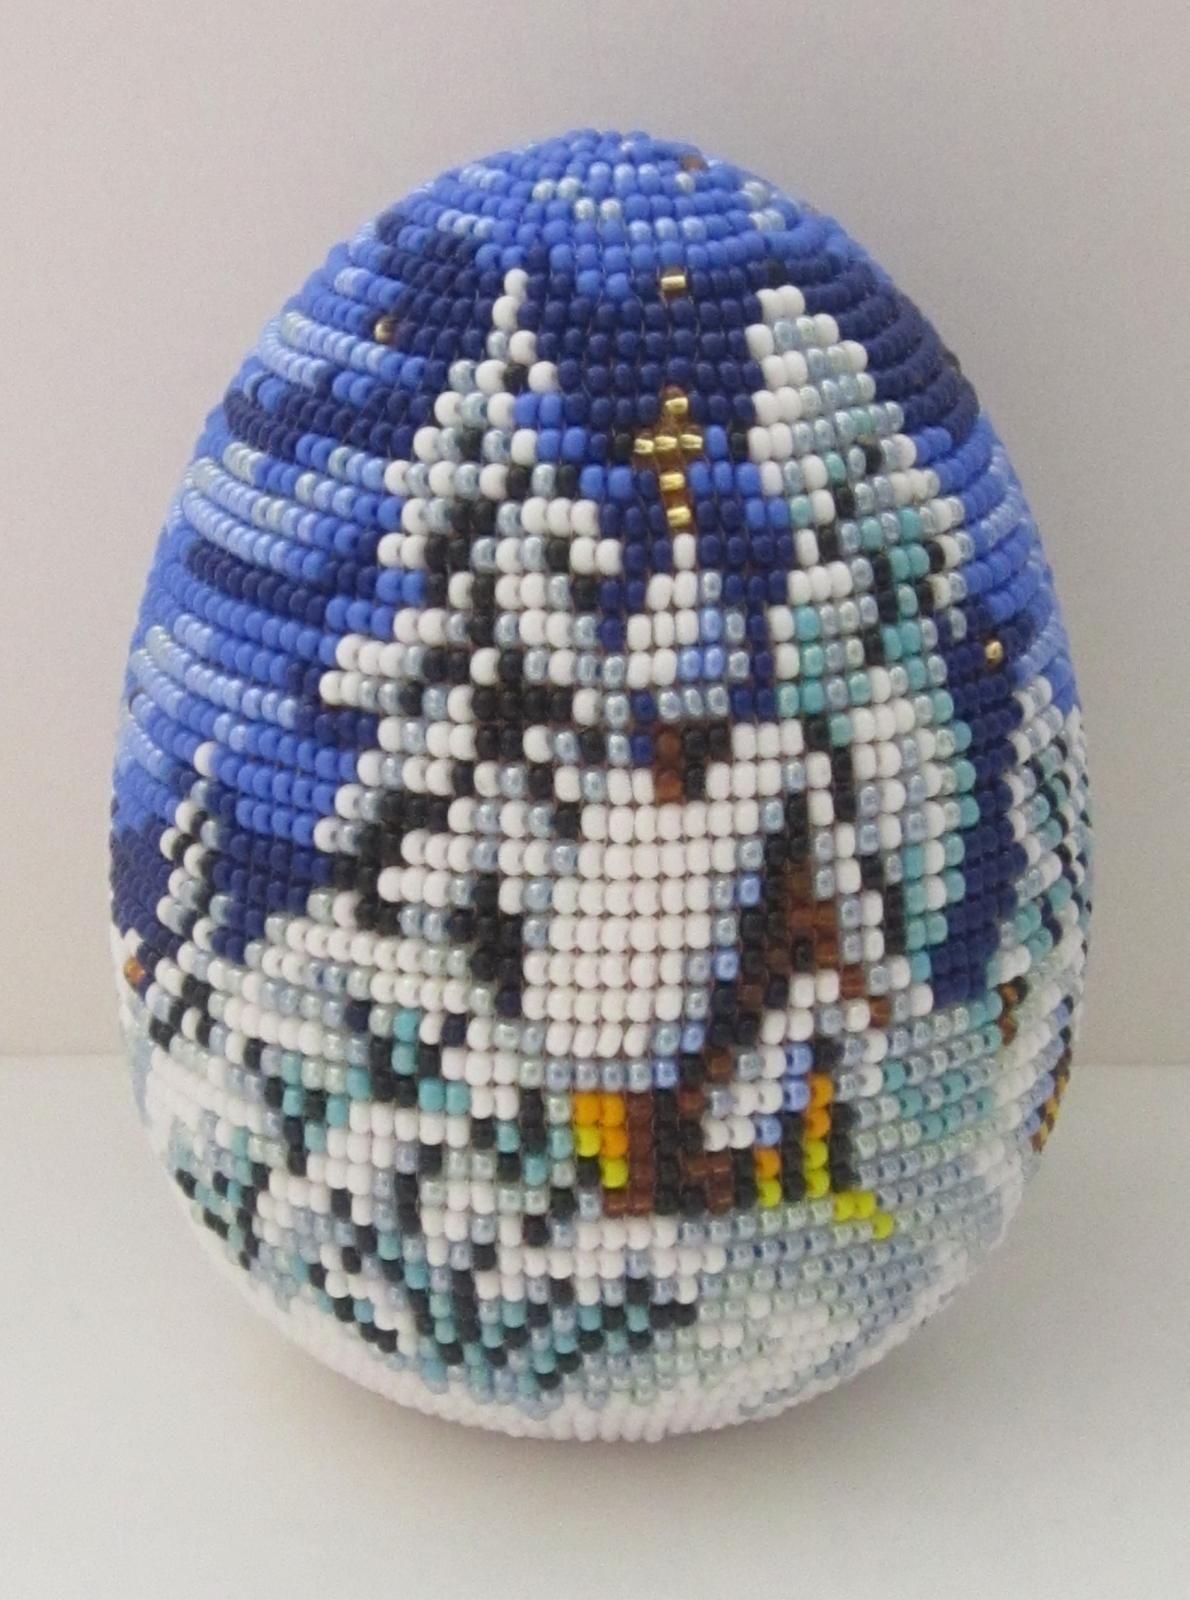 Схема для яйца из бисера лебедь